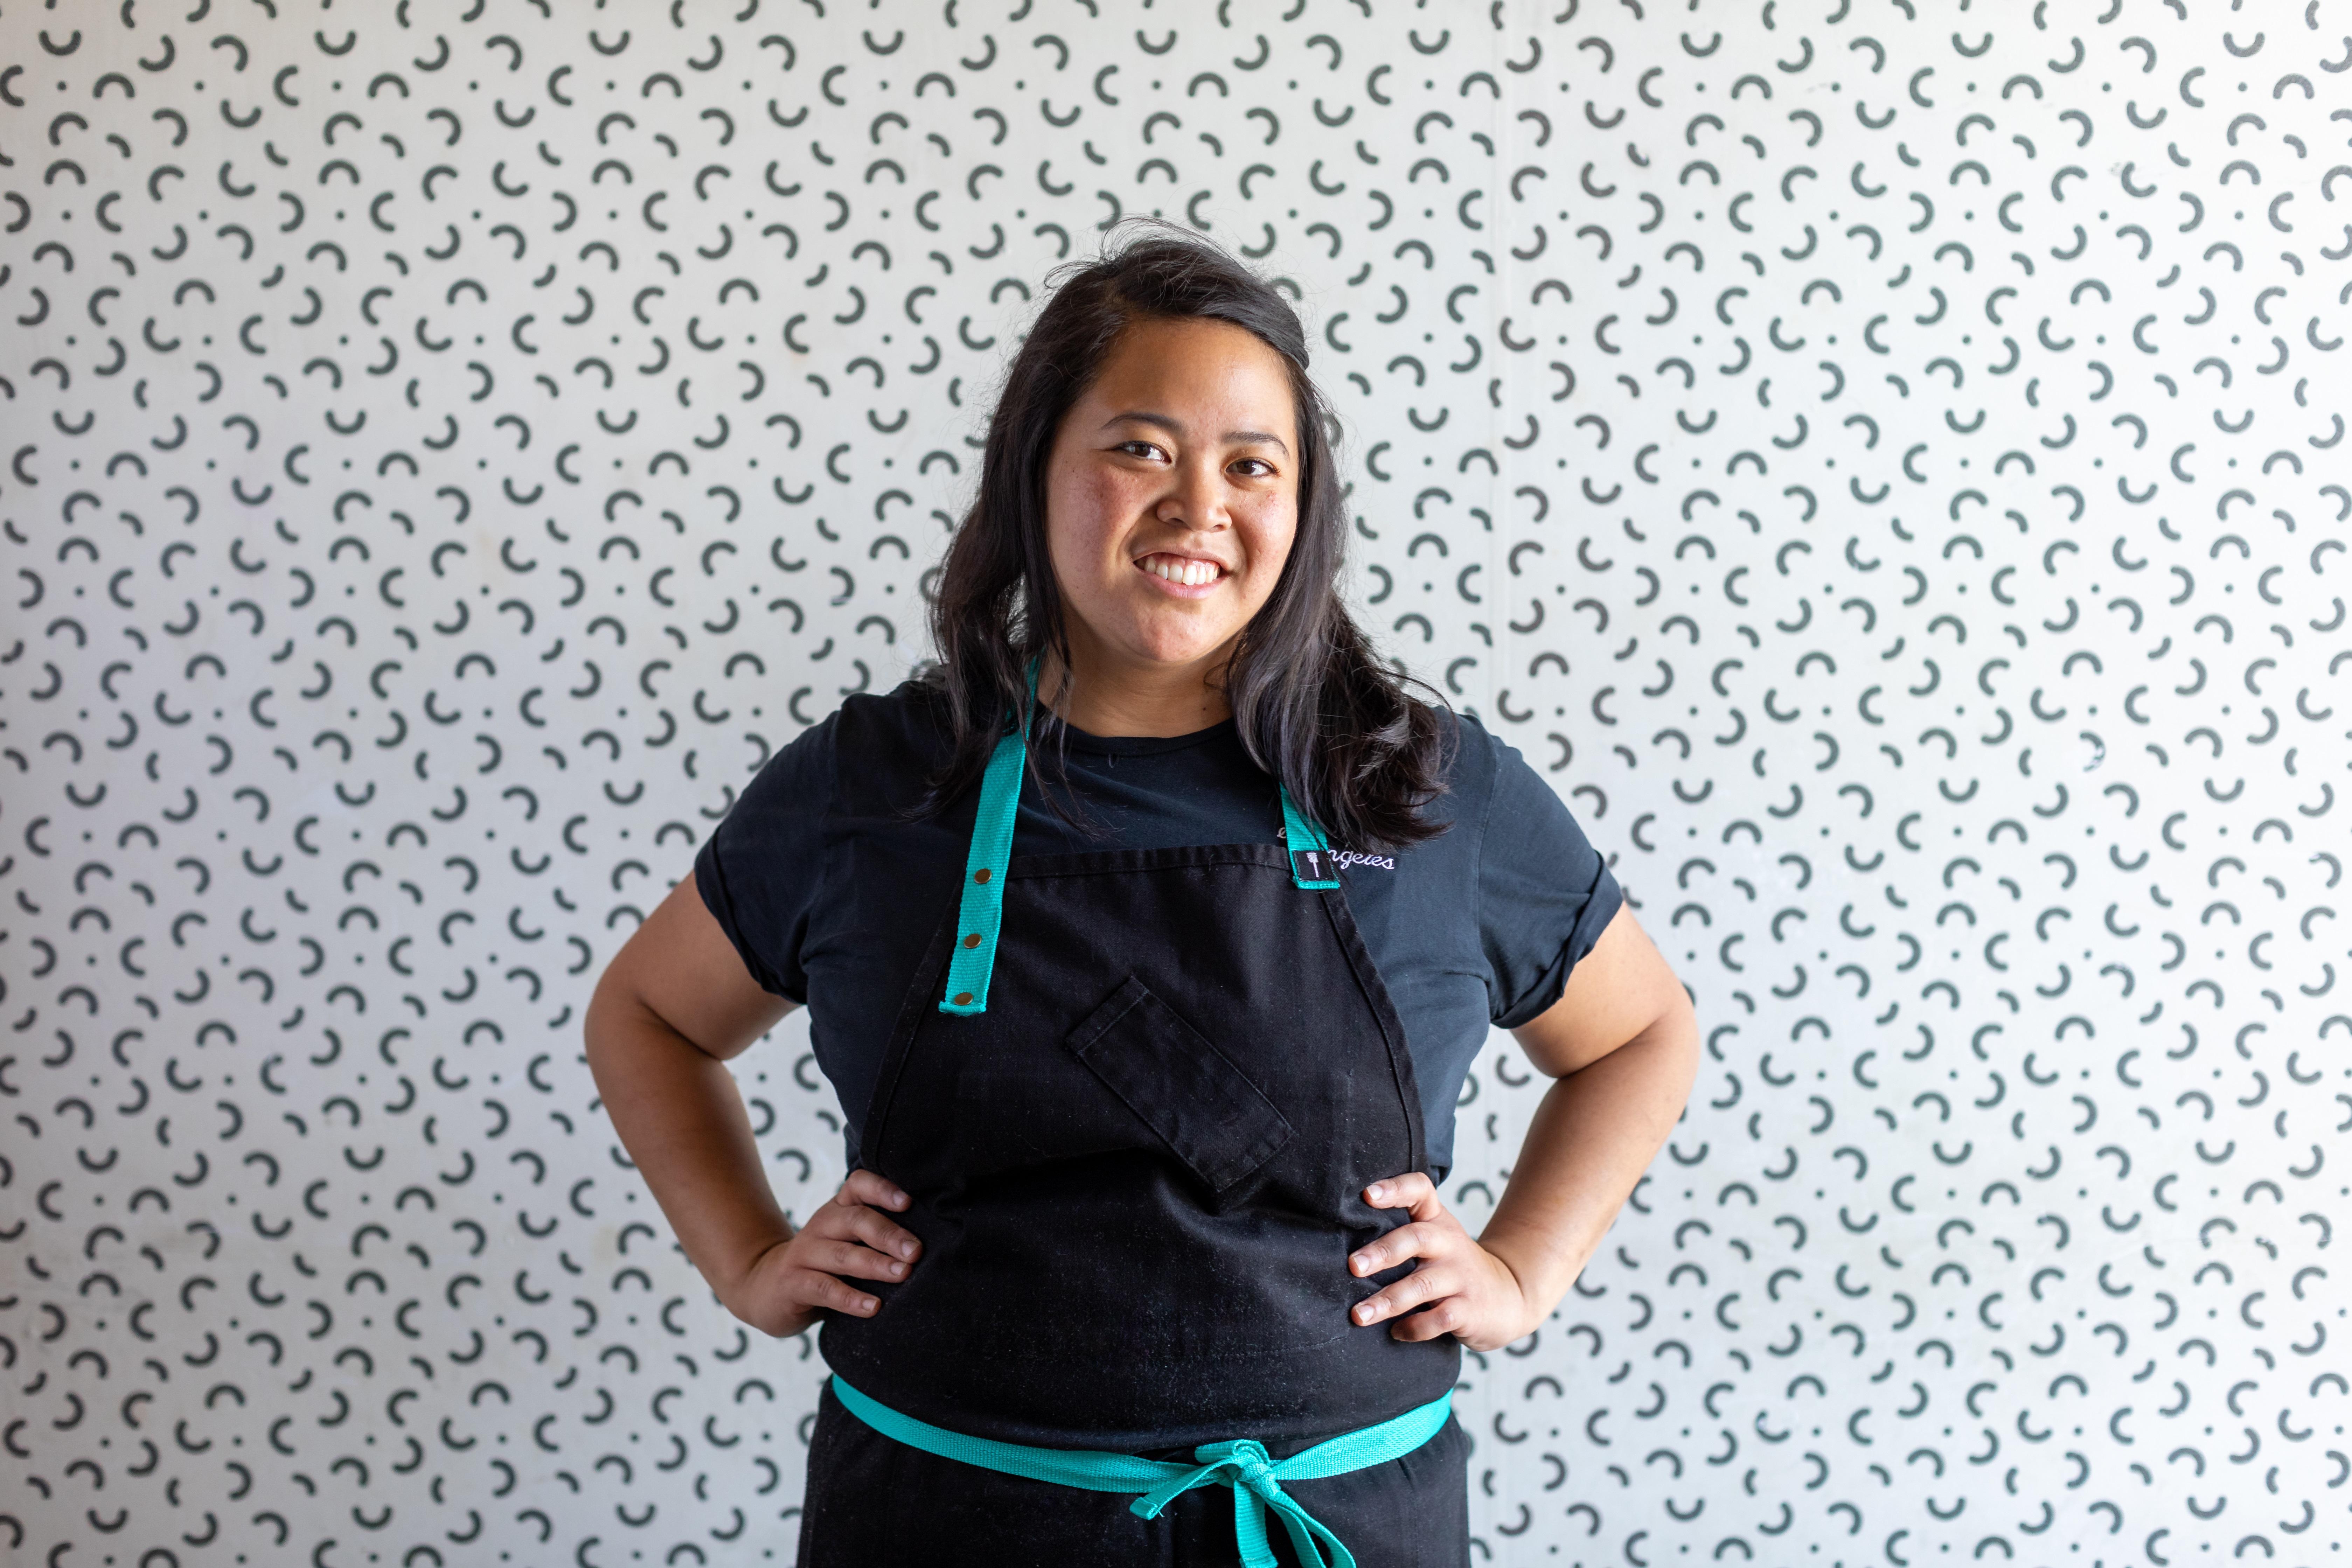 Sabel Braganza, head chef at E.P. & L.P.